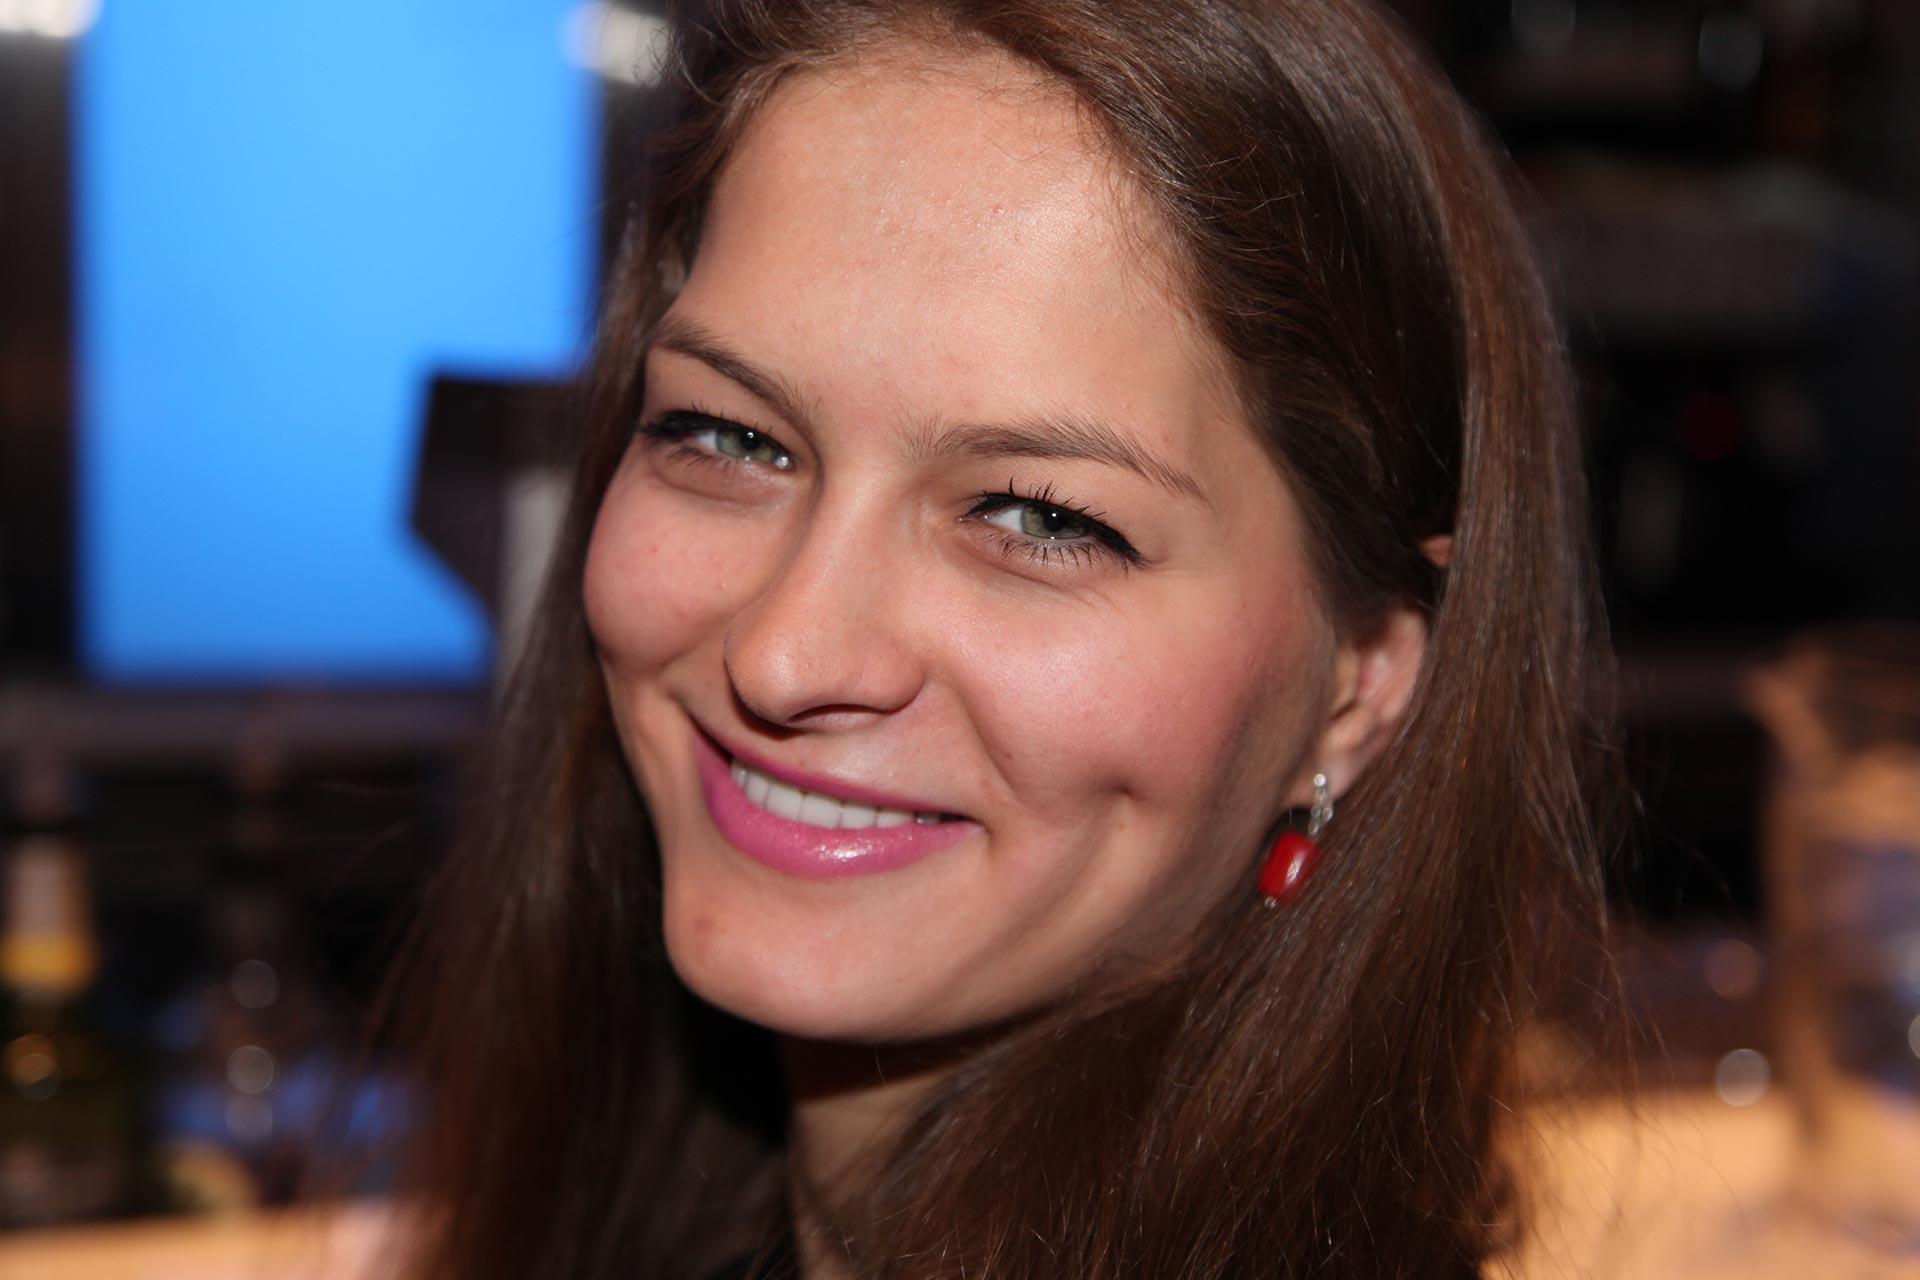 Полина Никитина. Управление эмоциями в бизнесе и жизни